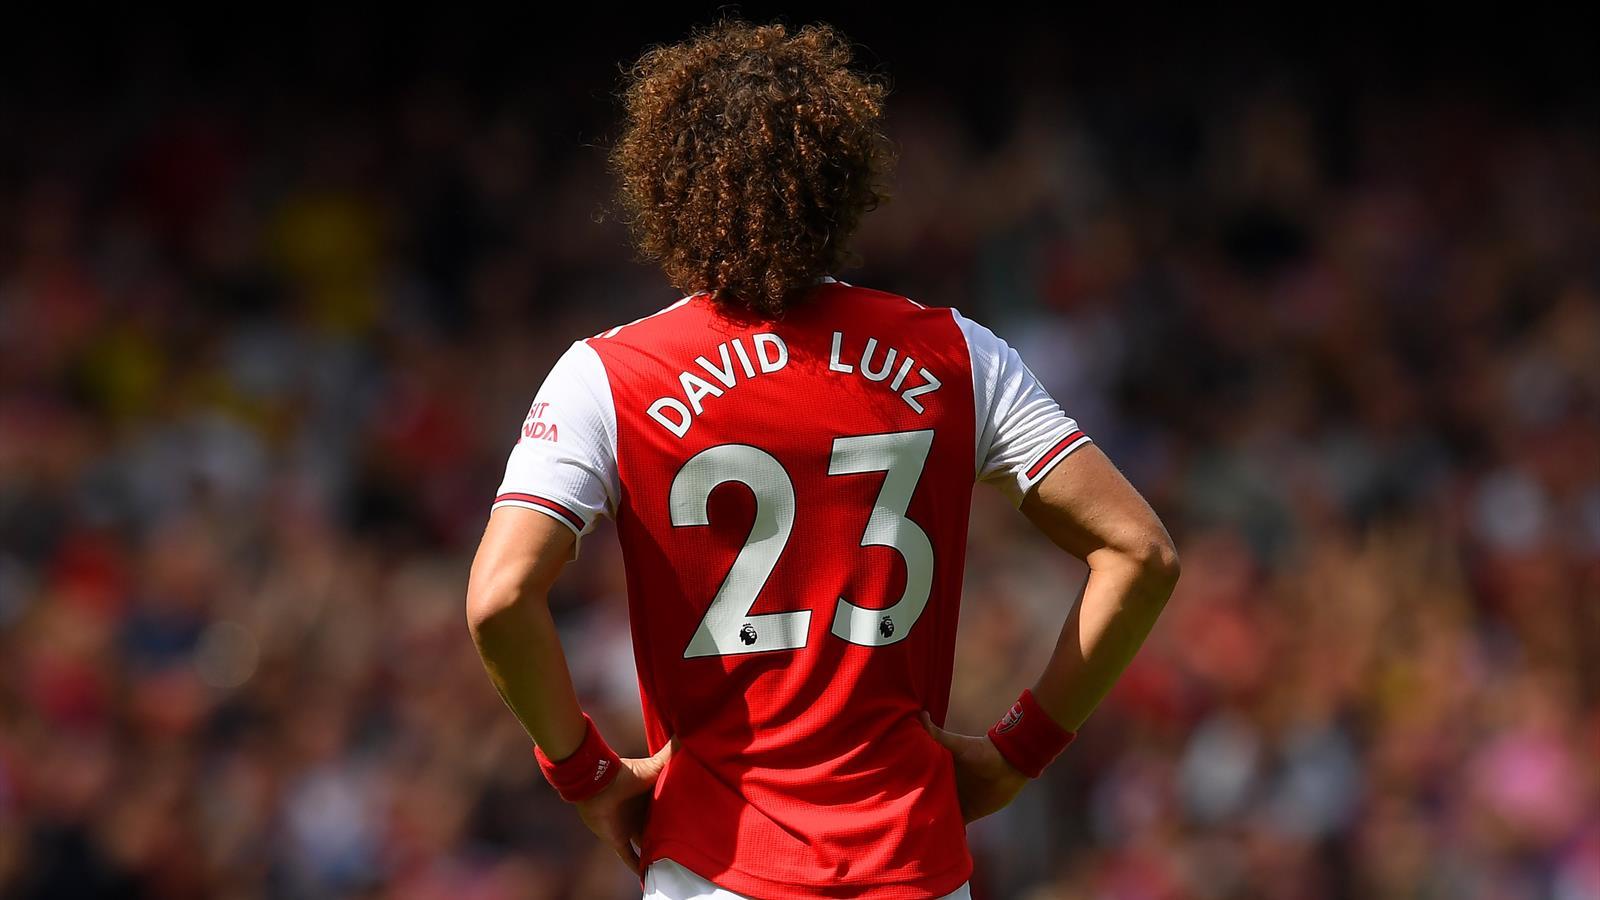 Давид луис перешел челси